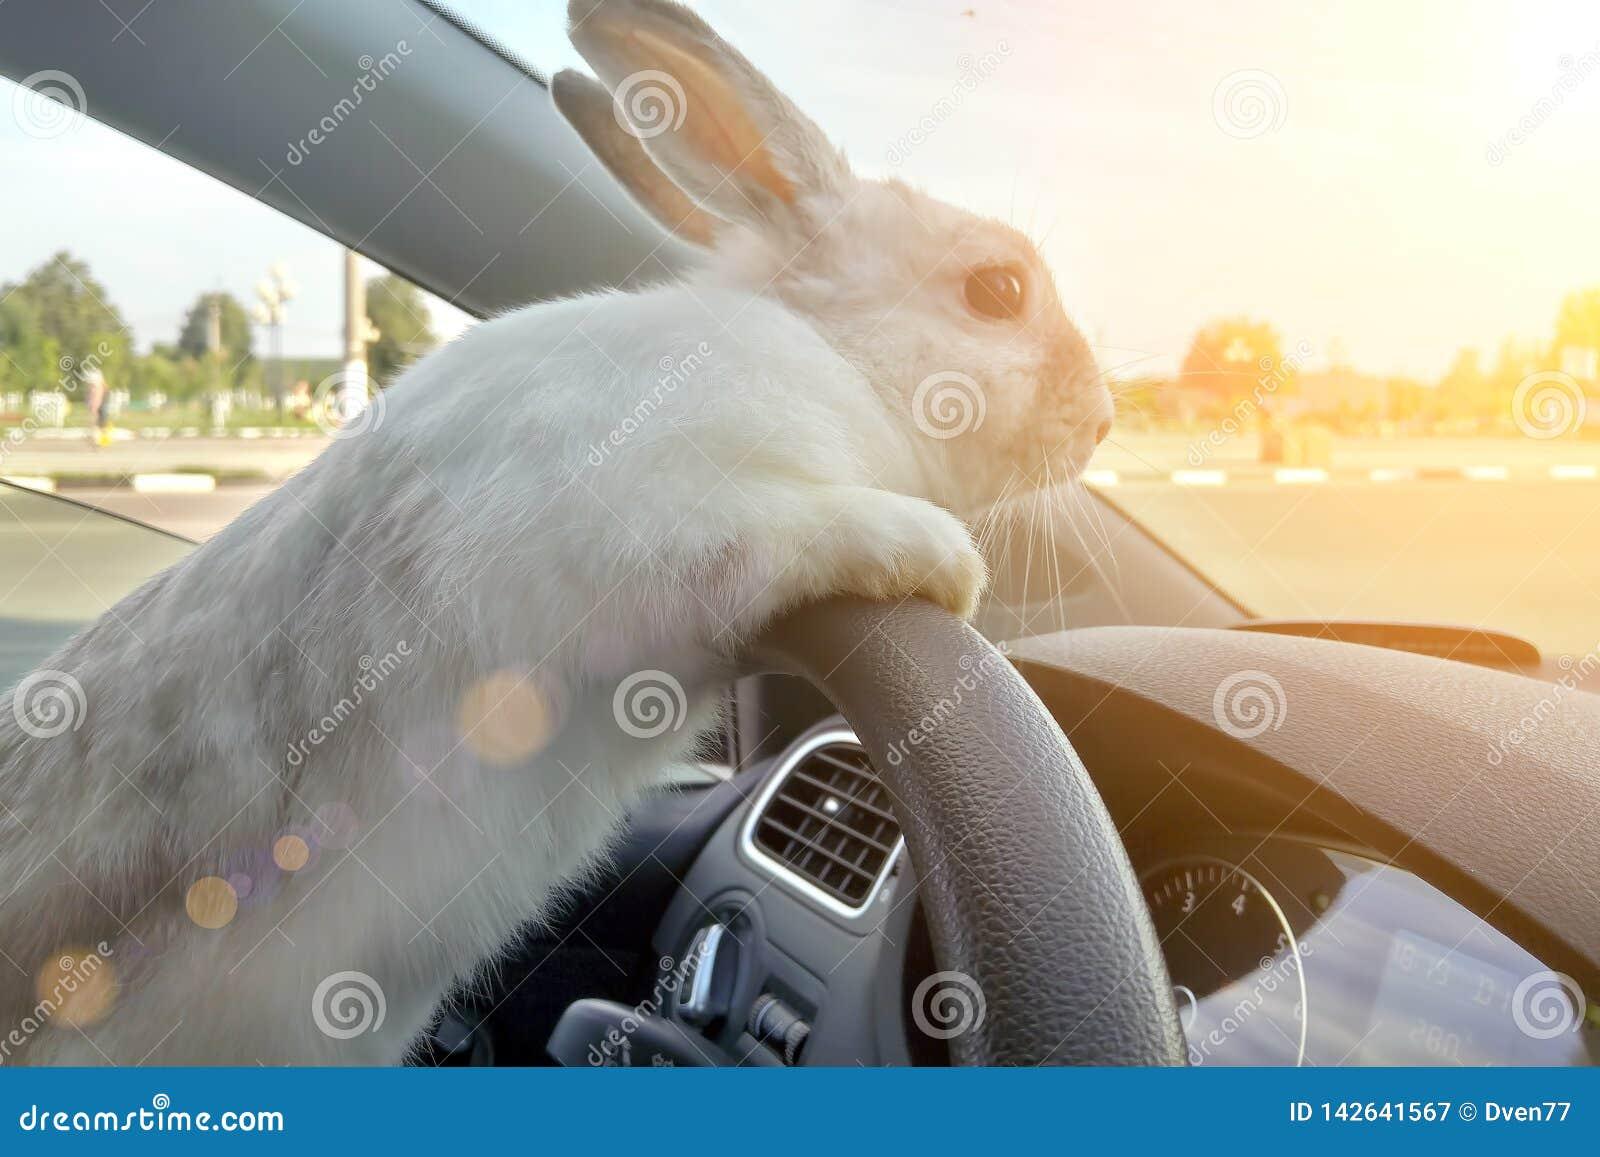 Το κουνέλι οδηγεί ένα αυτοκίνητο, είναι στη θέση του οδηγού πίσω από το τιμόνι Οδηγός λαγών Άσπροι γύροι λαγουδάκι Πάσχας για να